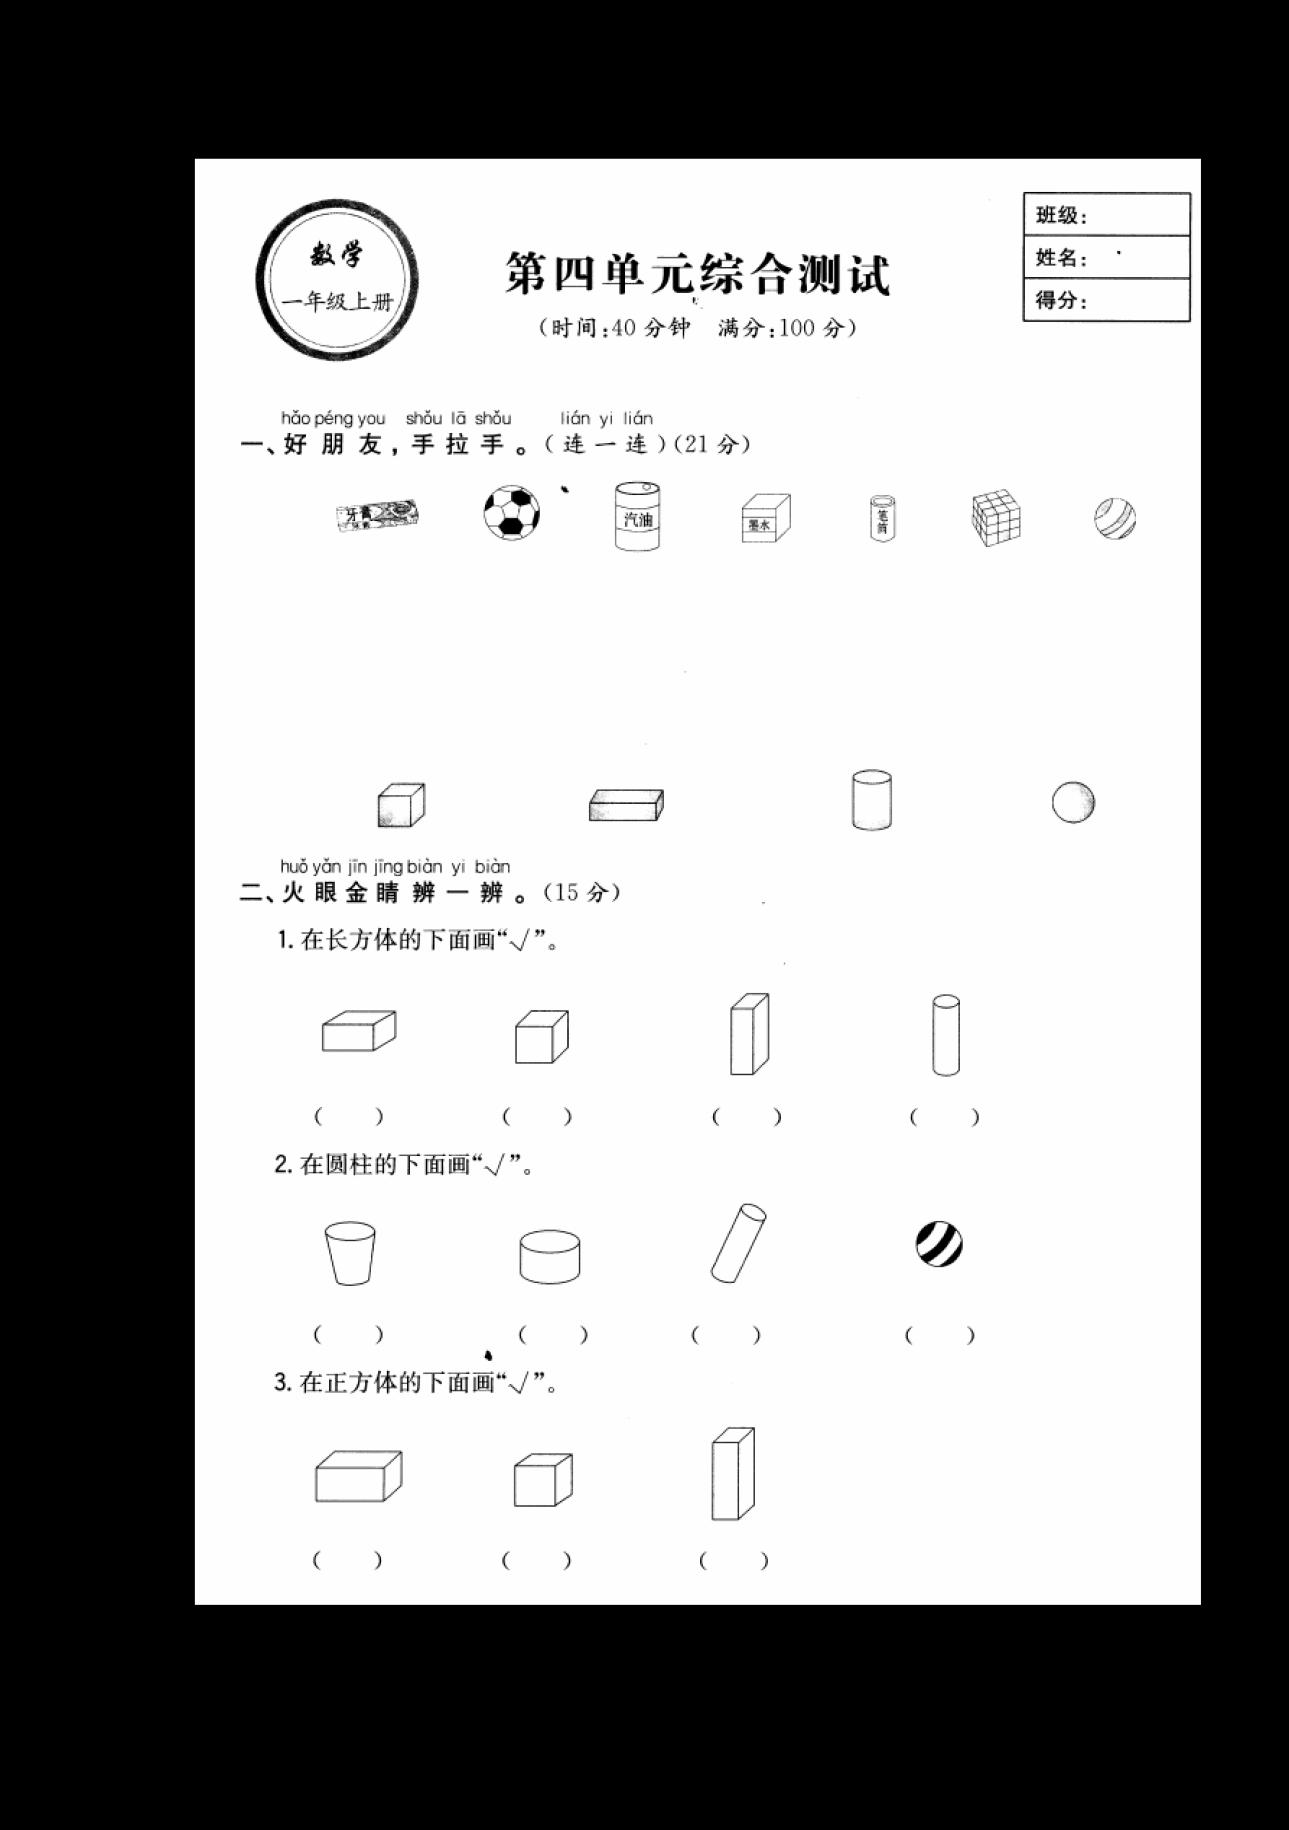 2012-2013人教版一年级数学上册第四单元认识图形测试题[1]